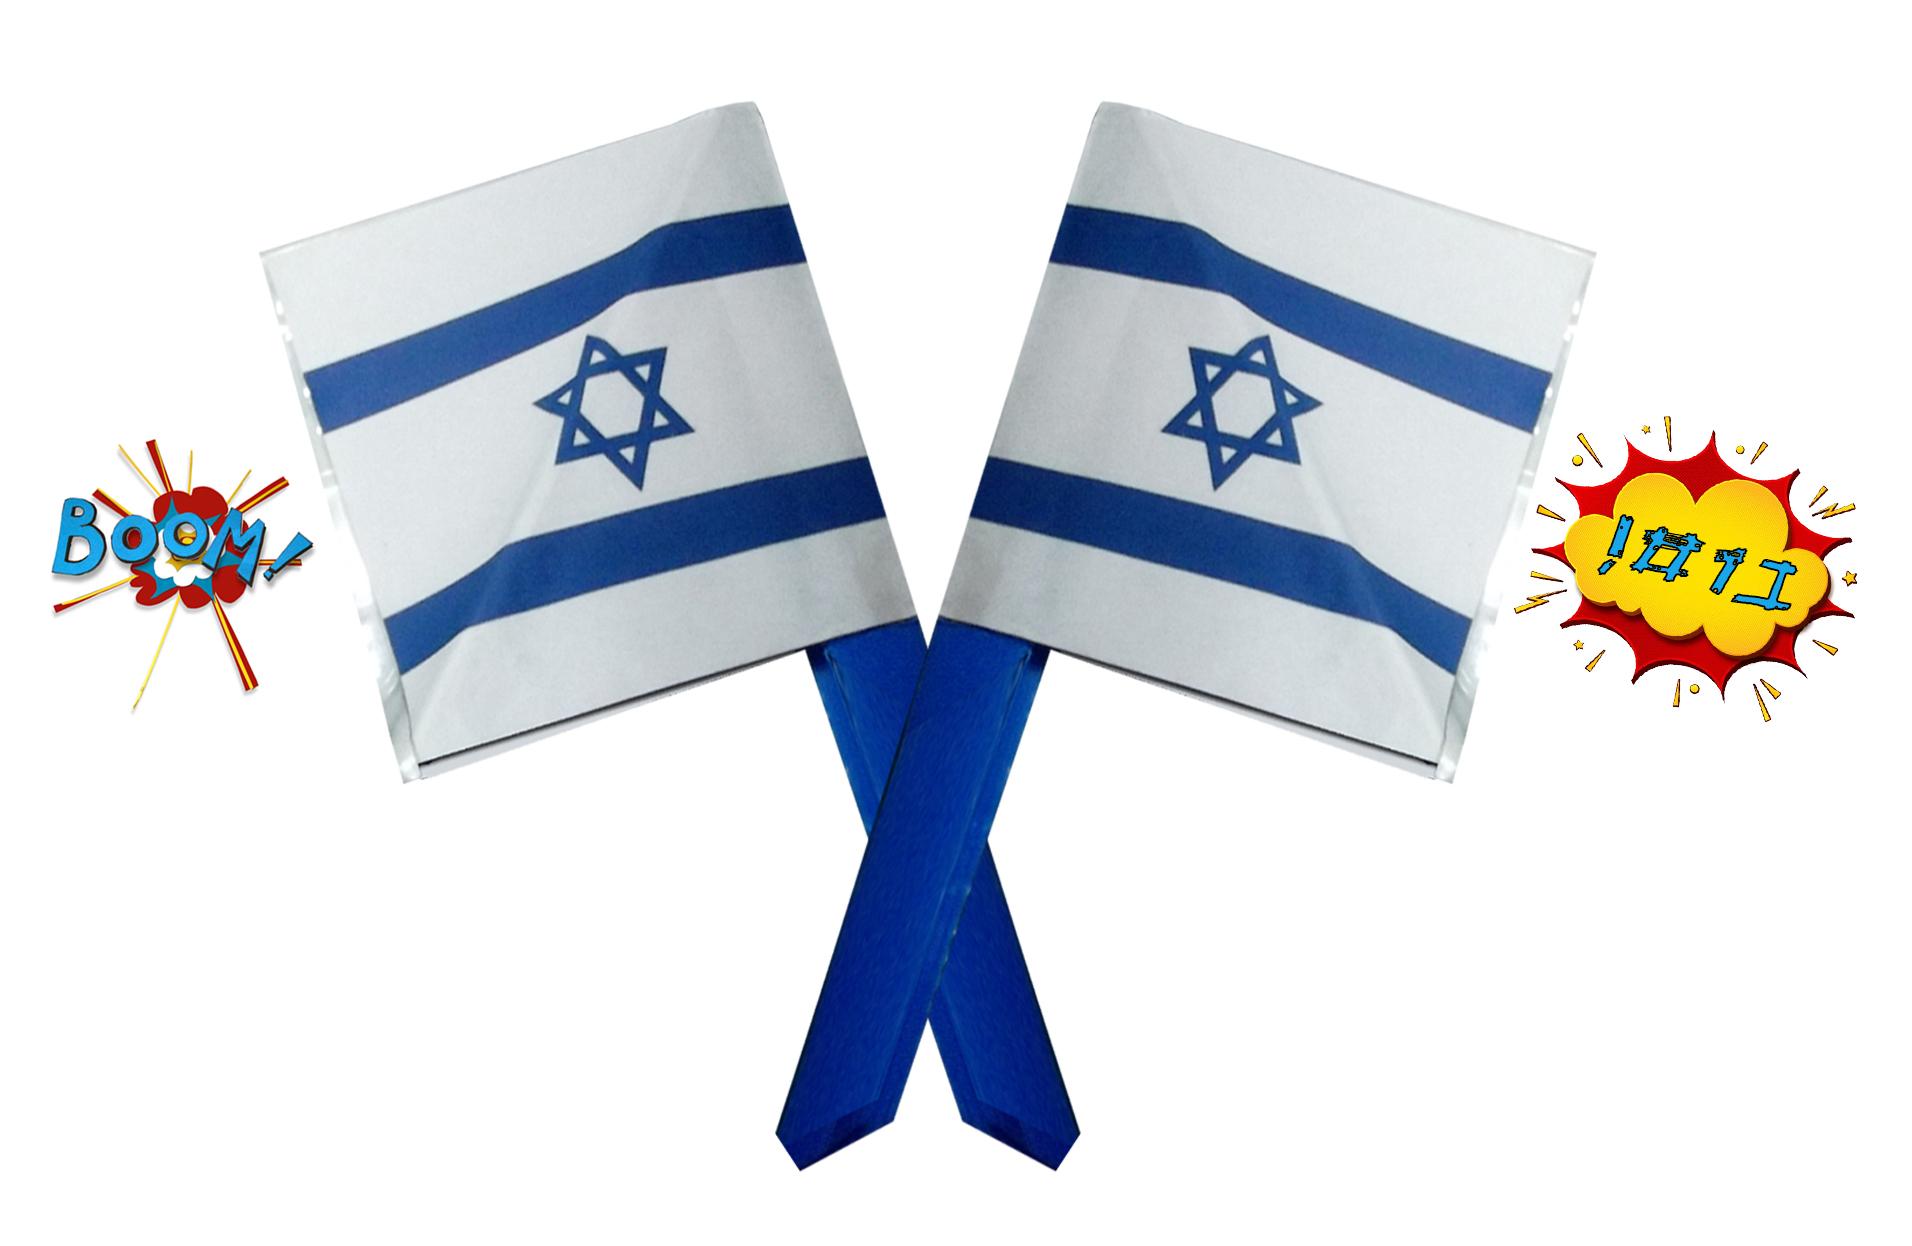 דגל בום